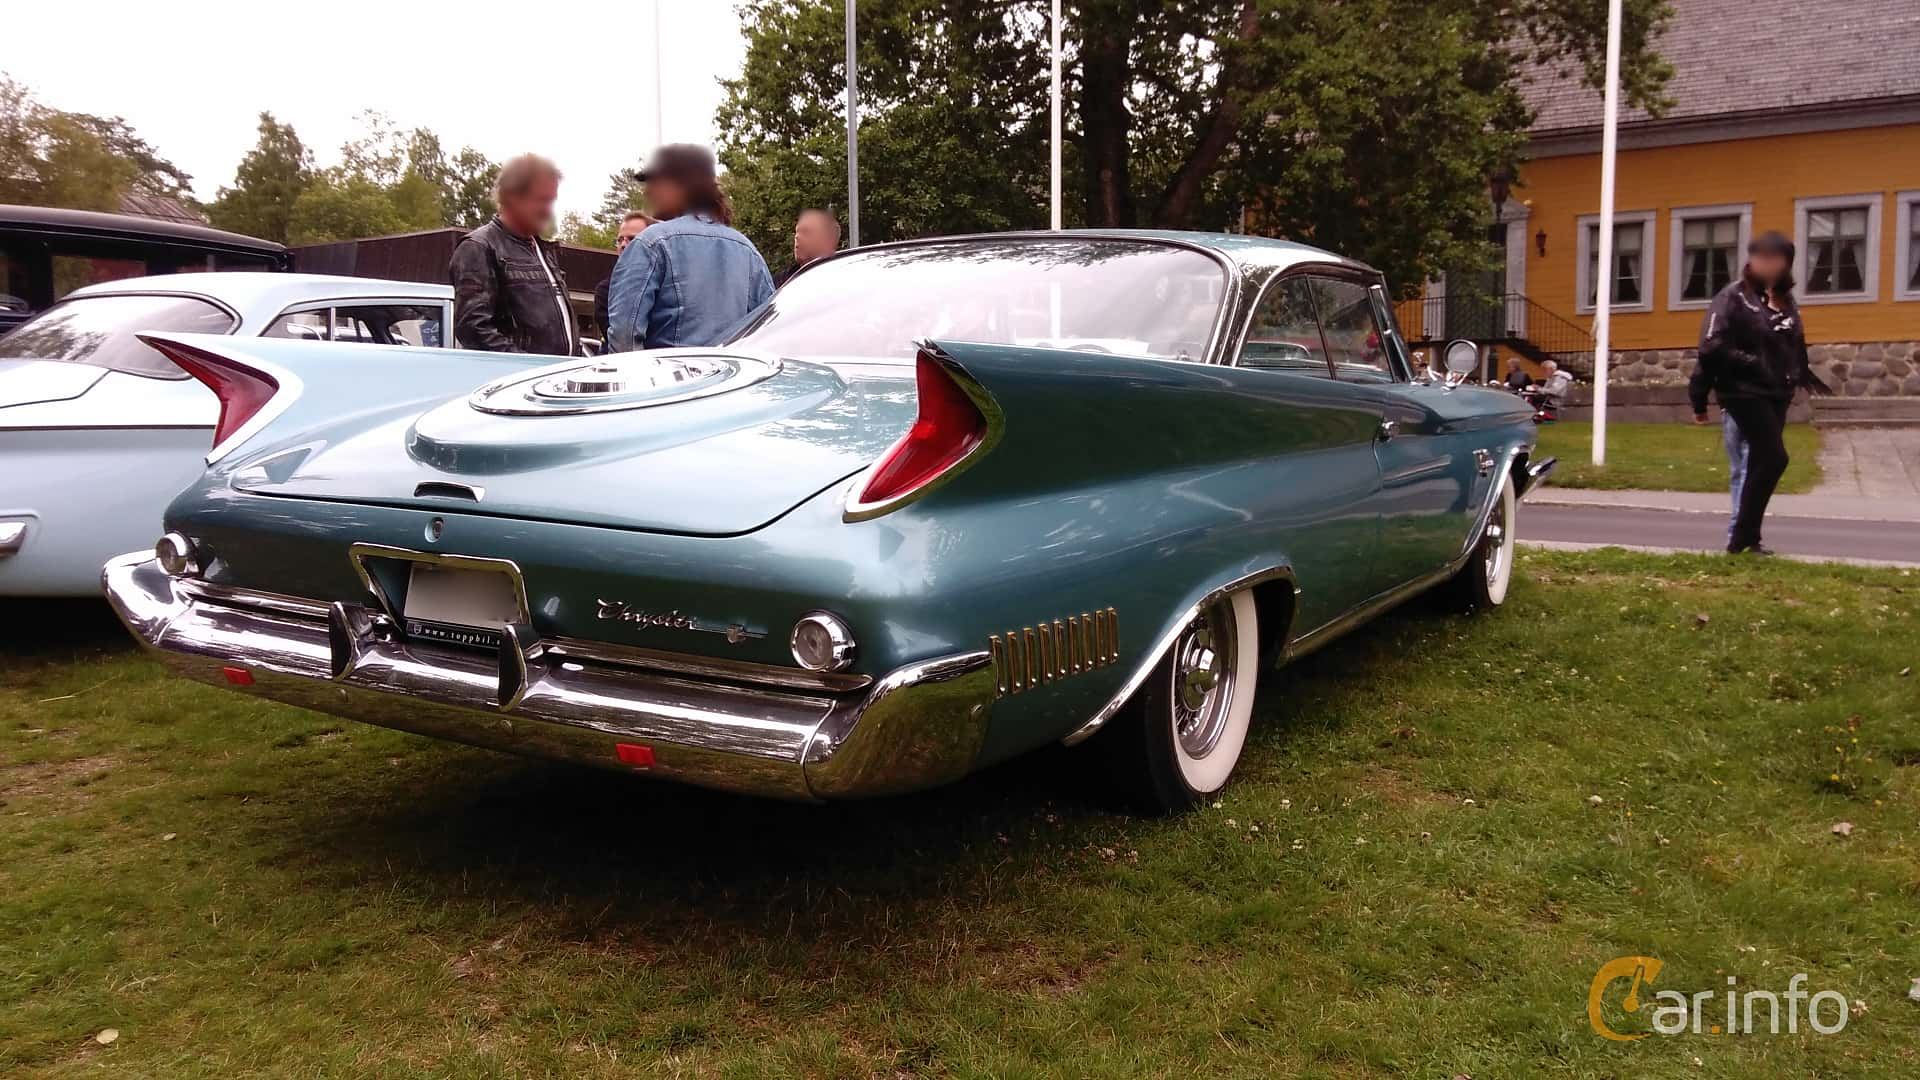 Chrysler New Yorker 2-door Hardtop 6.8 V8 TorqueFlite, 355hp, 1960 at Onsdagsträffar på Gammlia v.32 / 2017